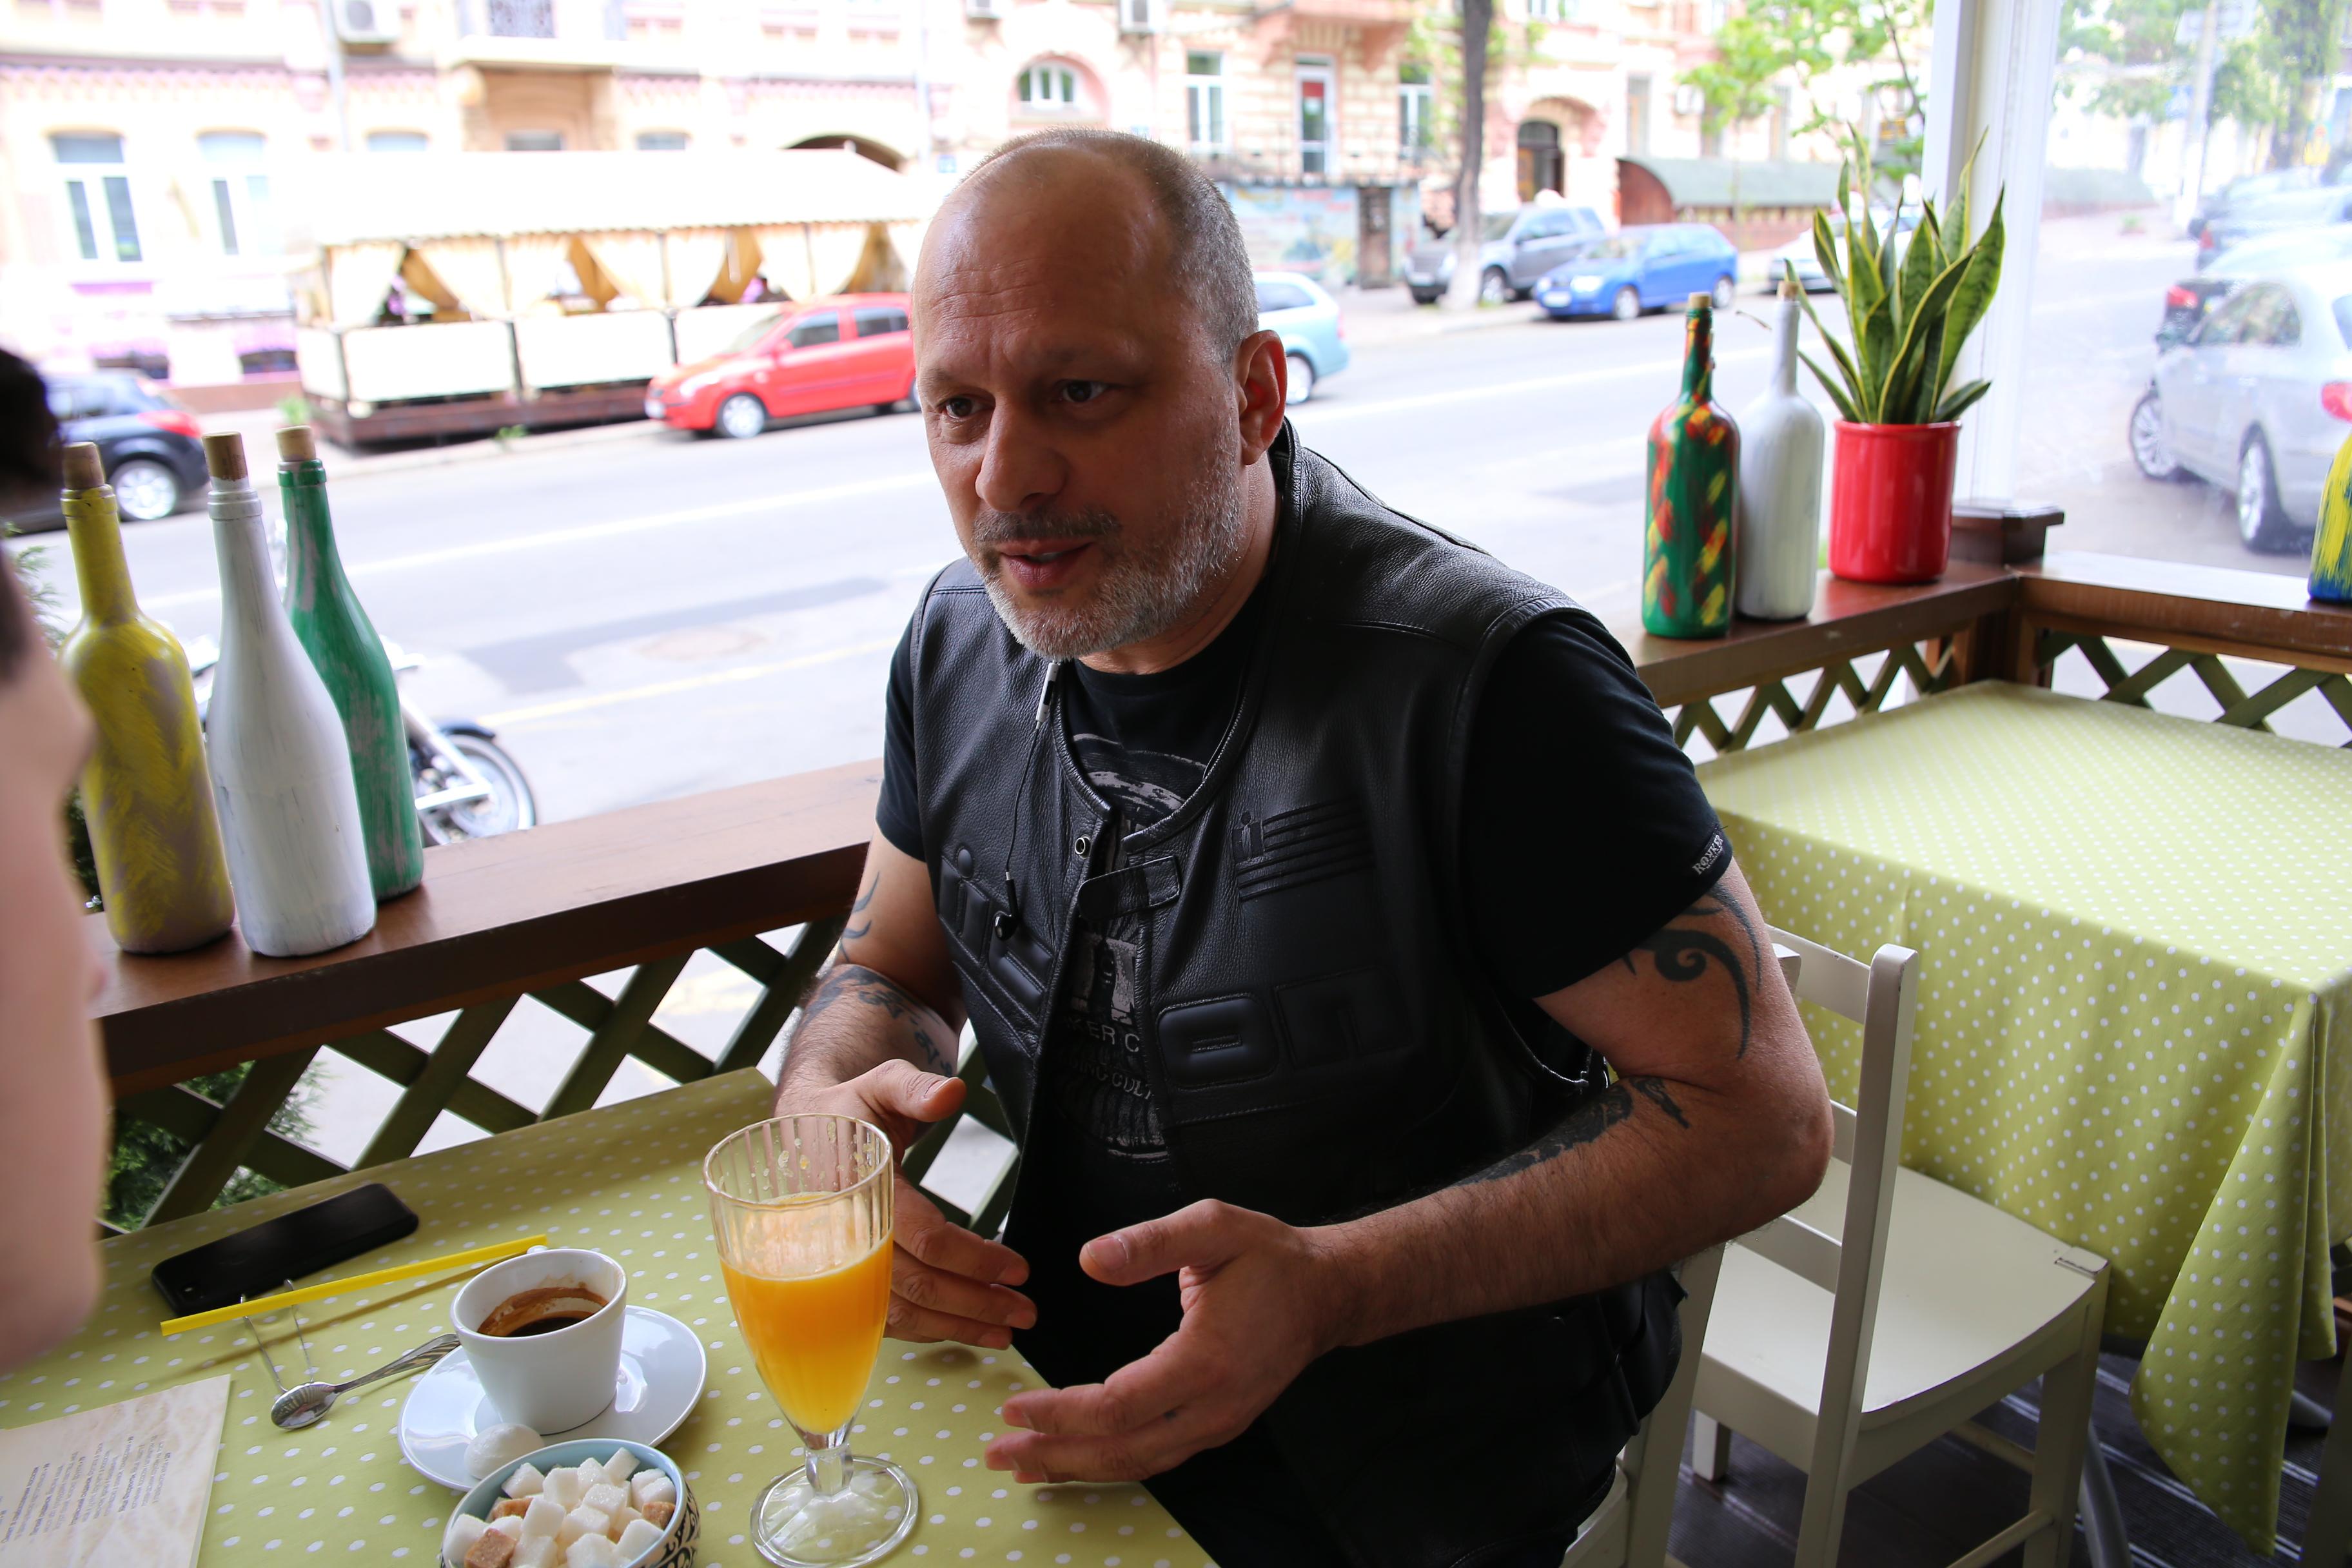 Зураб Аласания: «Меня называют тираном? Будет еще хуже»